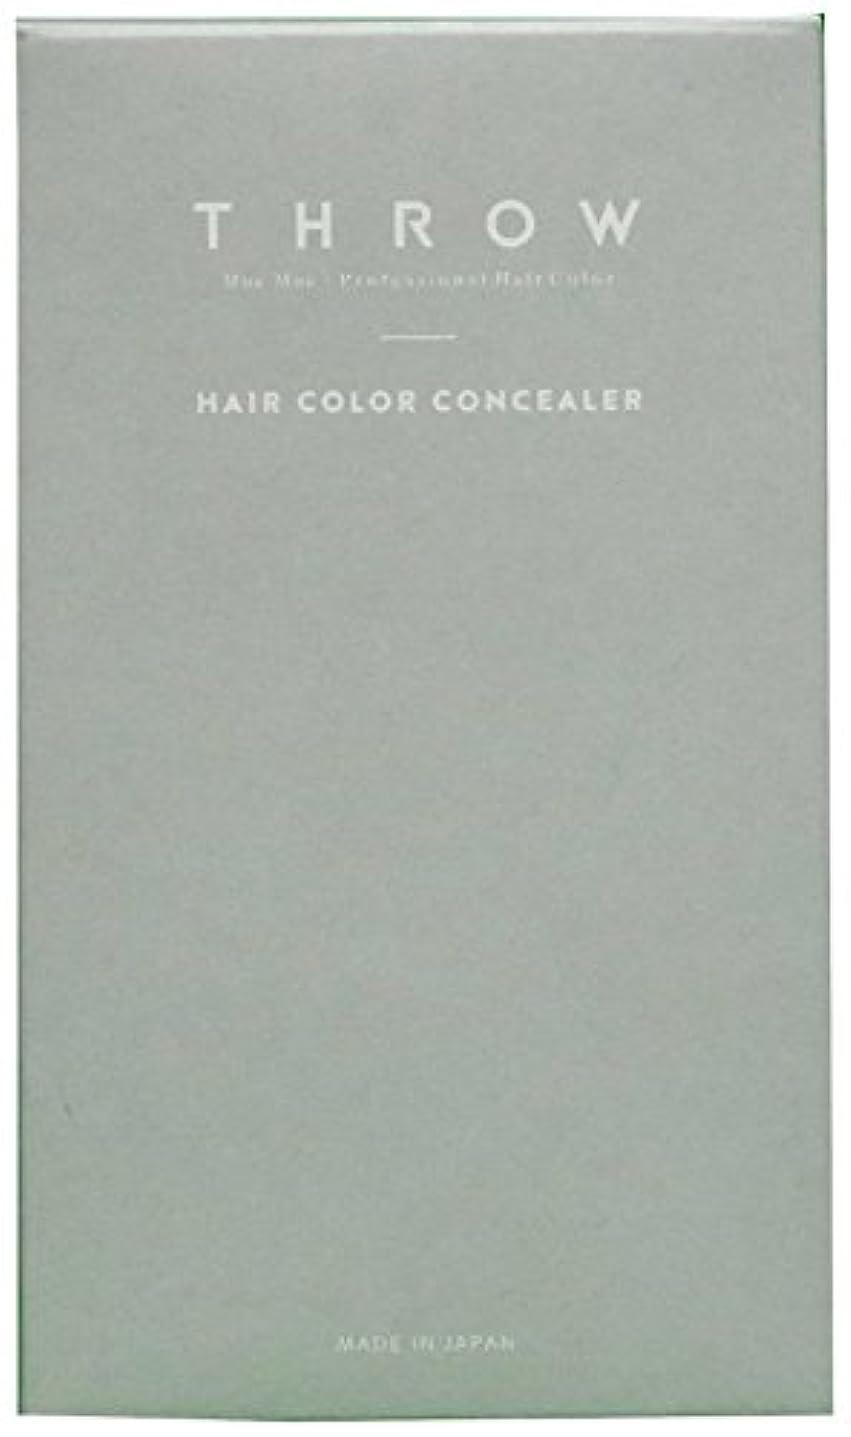 何故なのモチーフ自然スロウ ヘアカラーコンシーラー(ライトブラウンレギュラー)<毛髪着色料>専用パフ入り